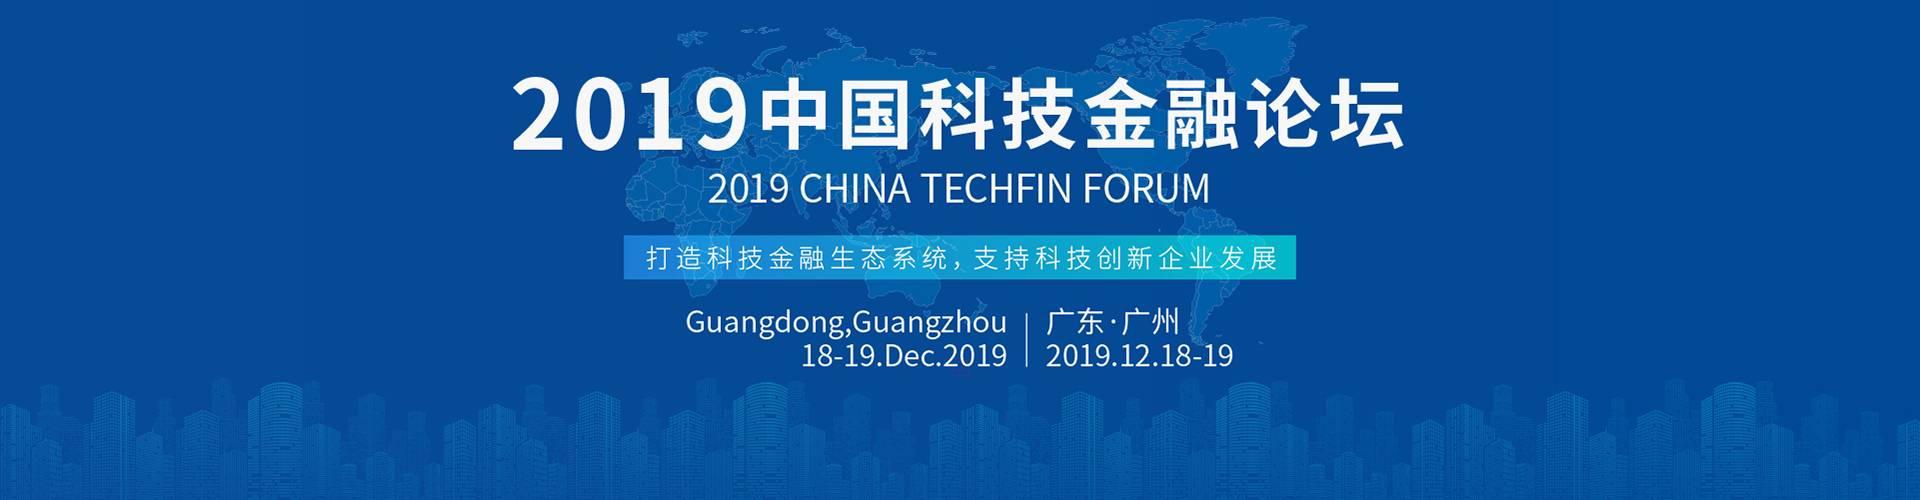 2019中国科技金融论坛 --海交会专场活动